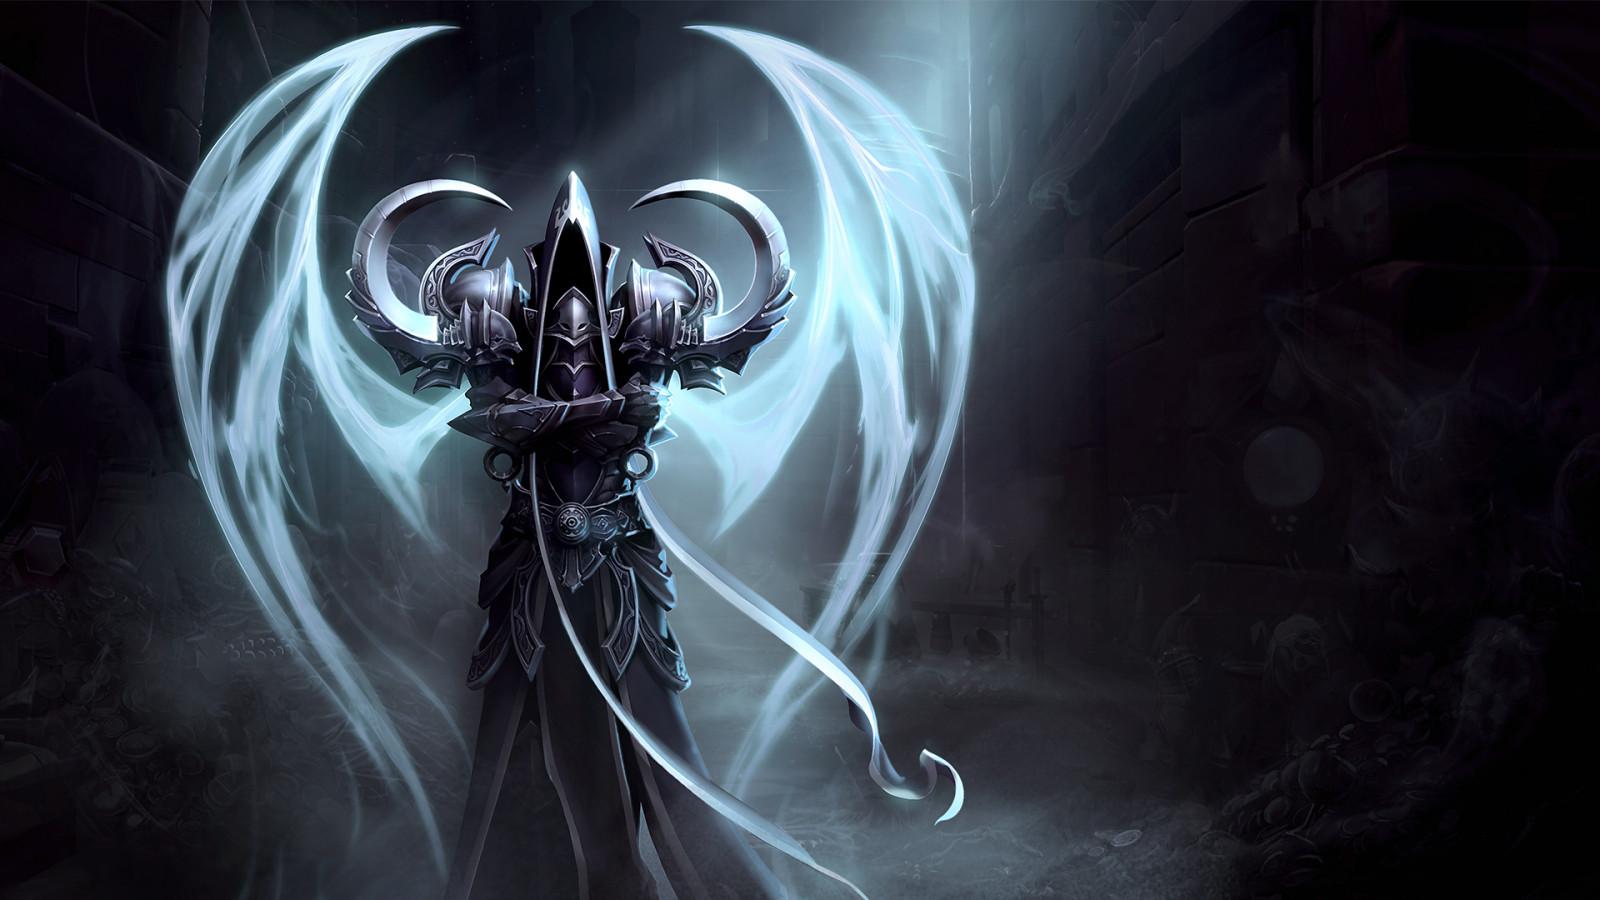 Wallpaper 1920x1080 Px Angel Artwork Death Diablo Iii